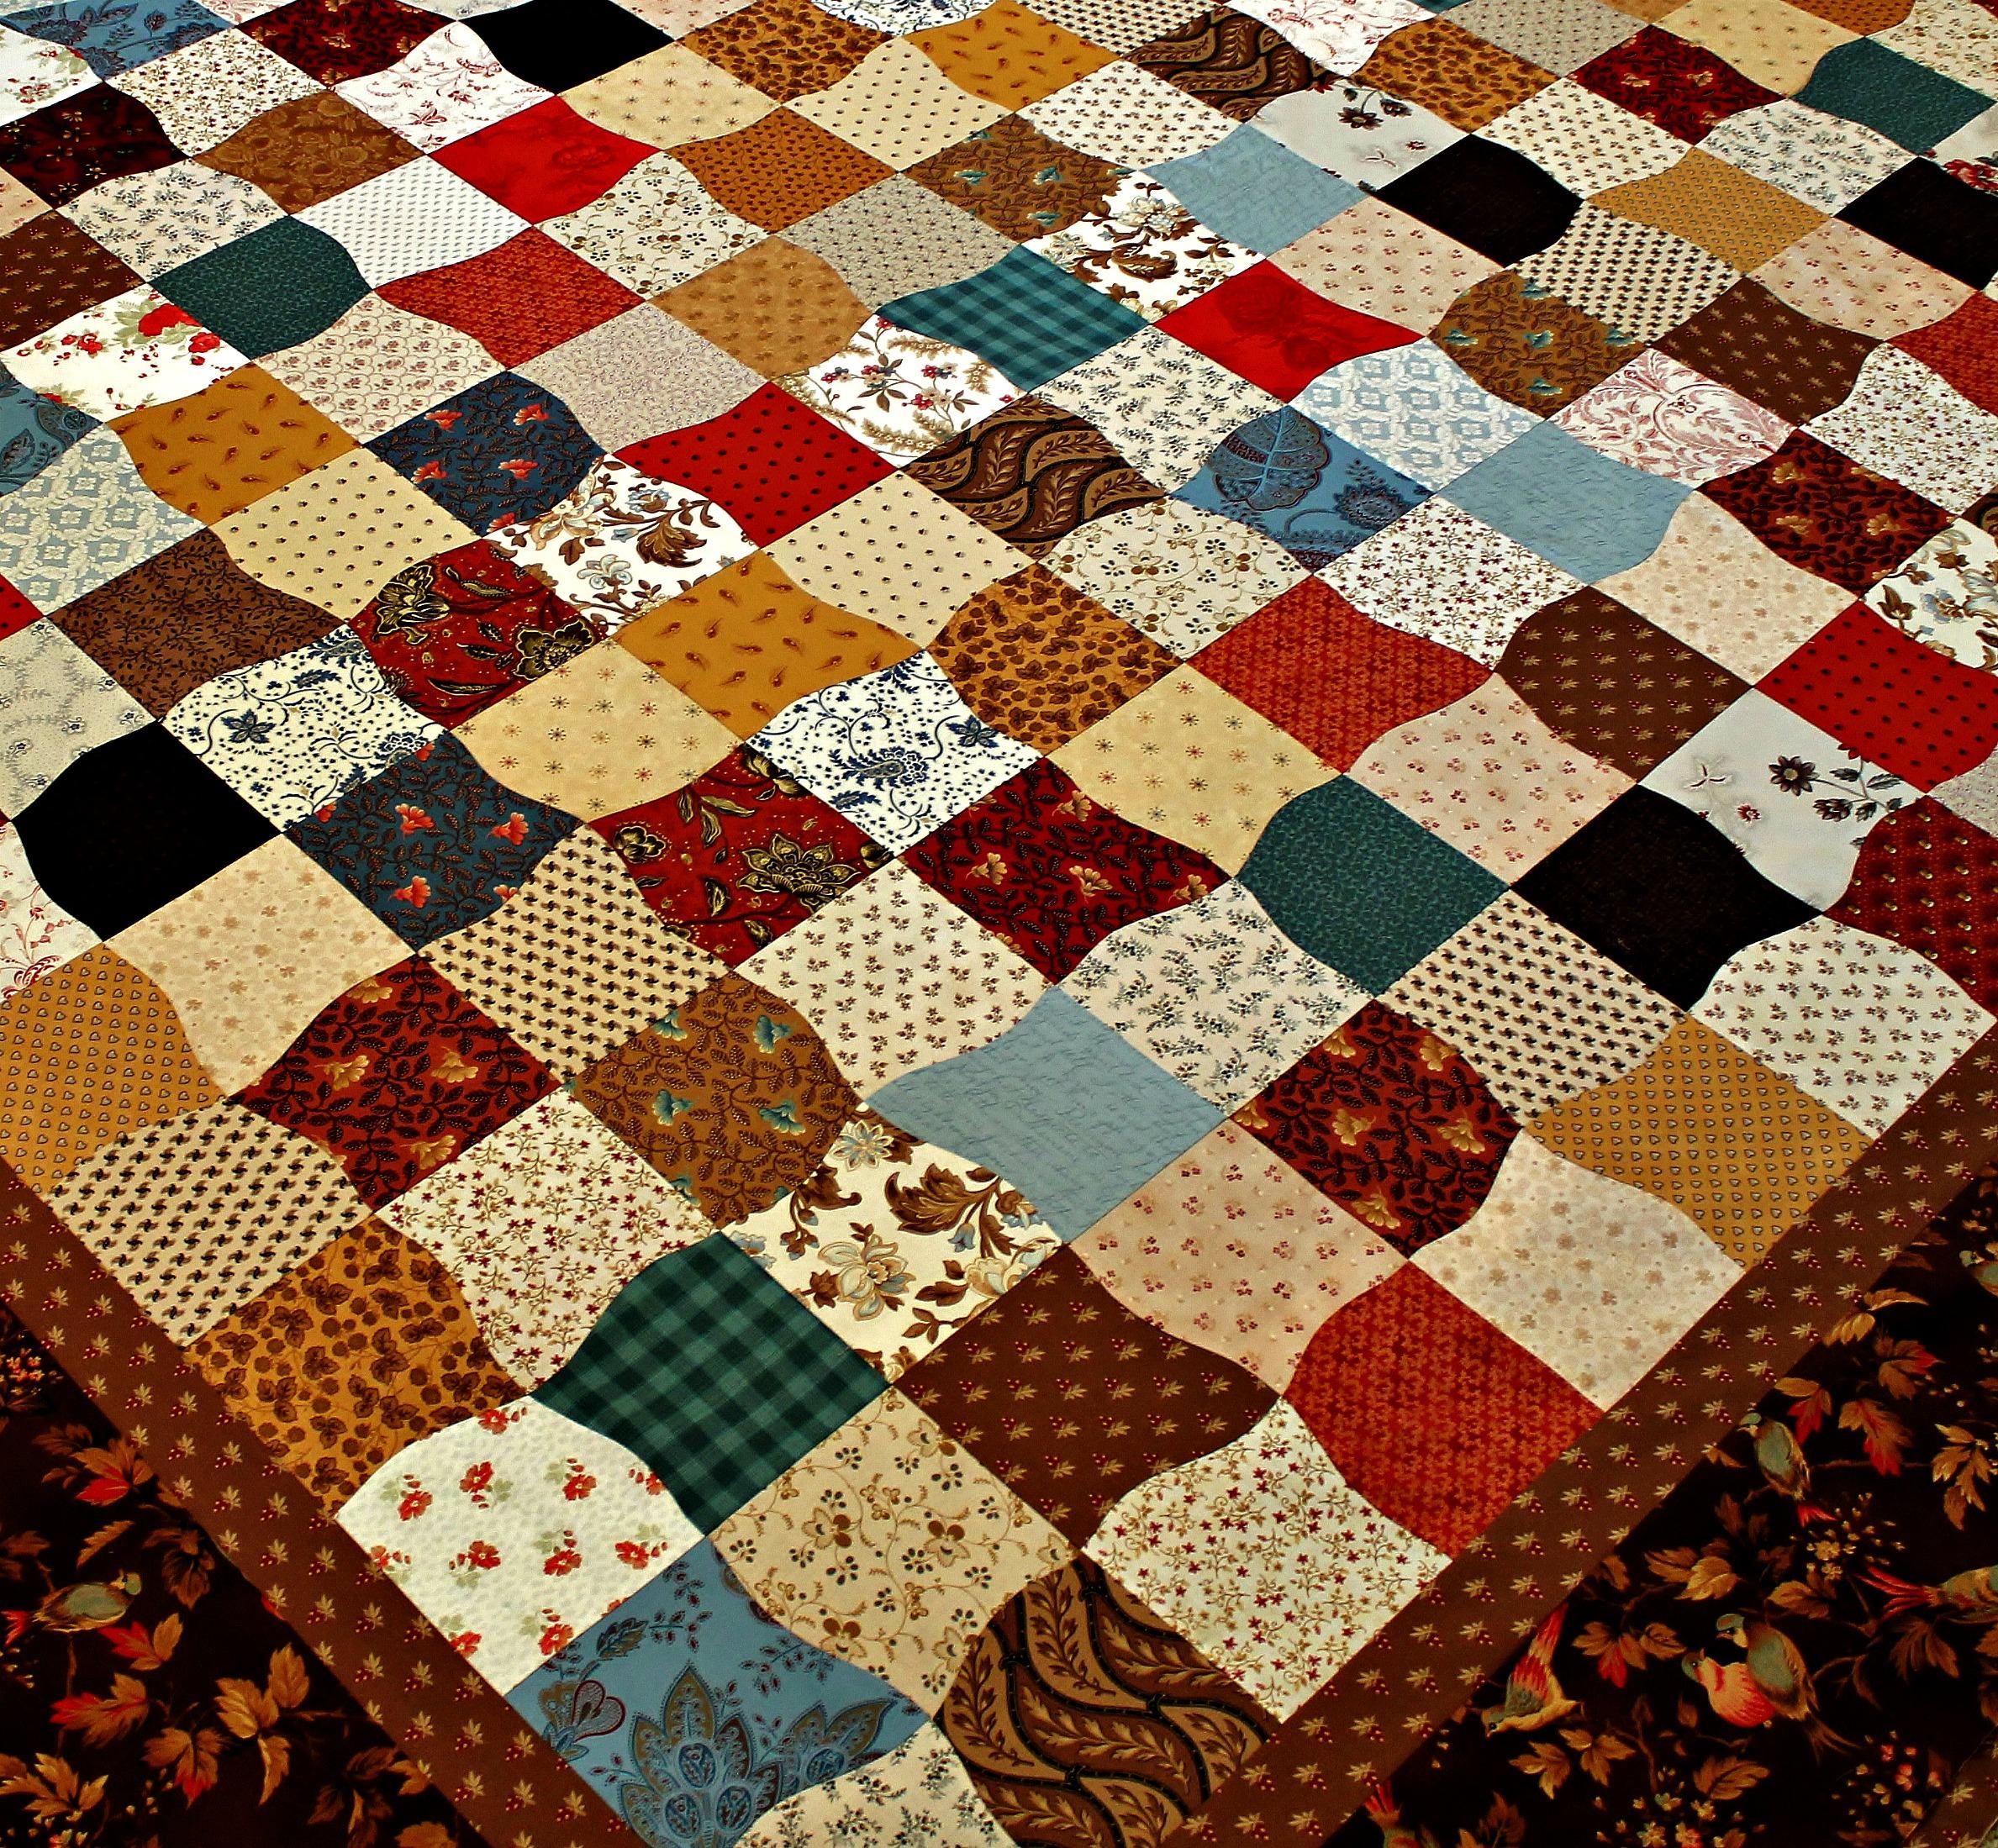 Colorado Quilt Top – A Quilter's Corner with Cindy Anderson : colorado quilt - Adamdwight.com